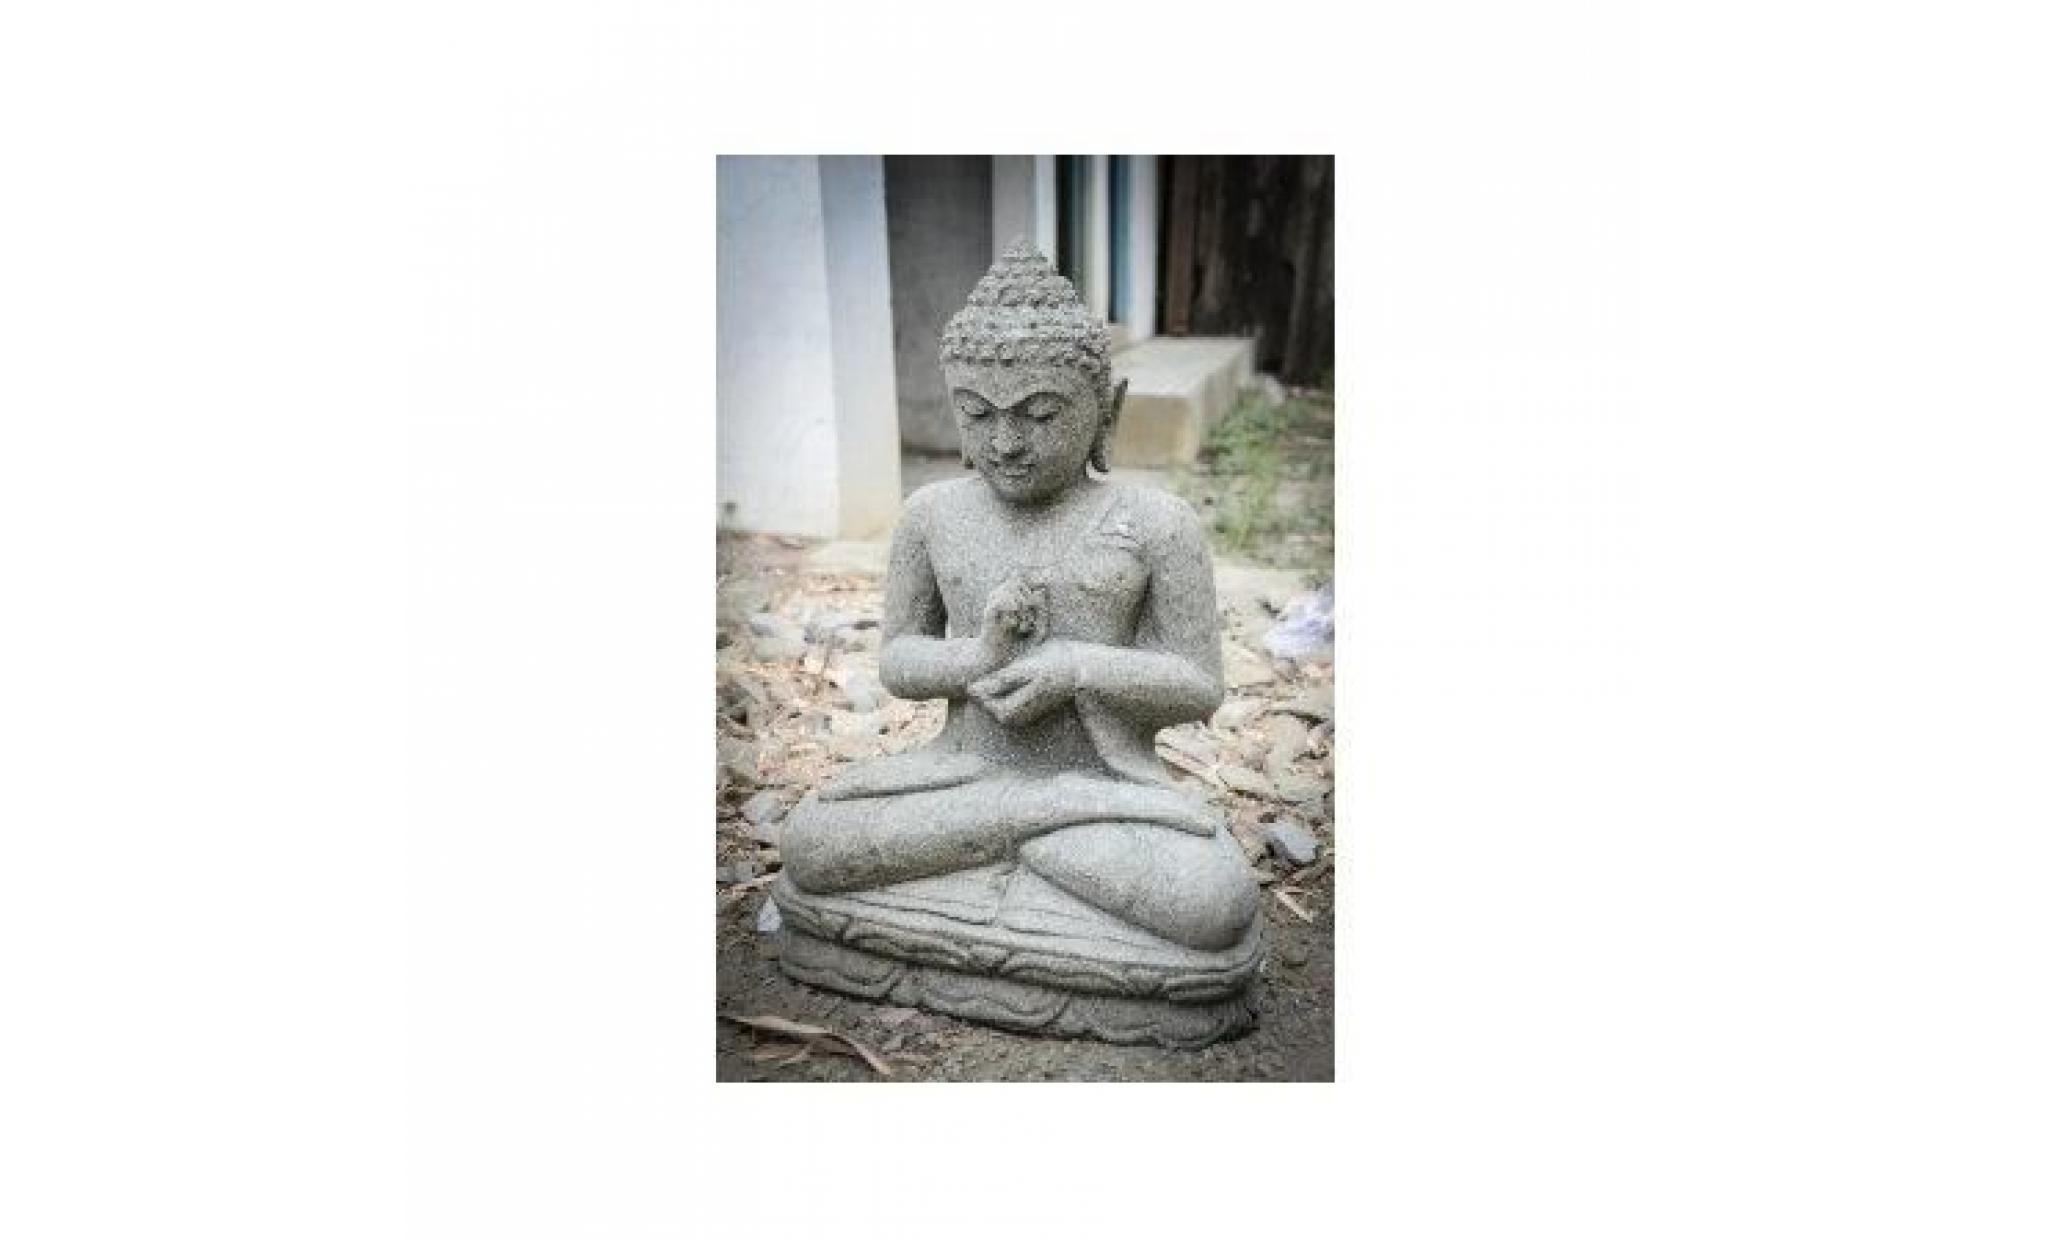 Statue De Jardin Bouddha En Pierre Volcanique P... tout Bouddha Pour Jardin Pas Cher